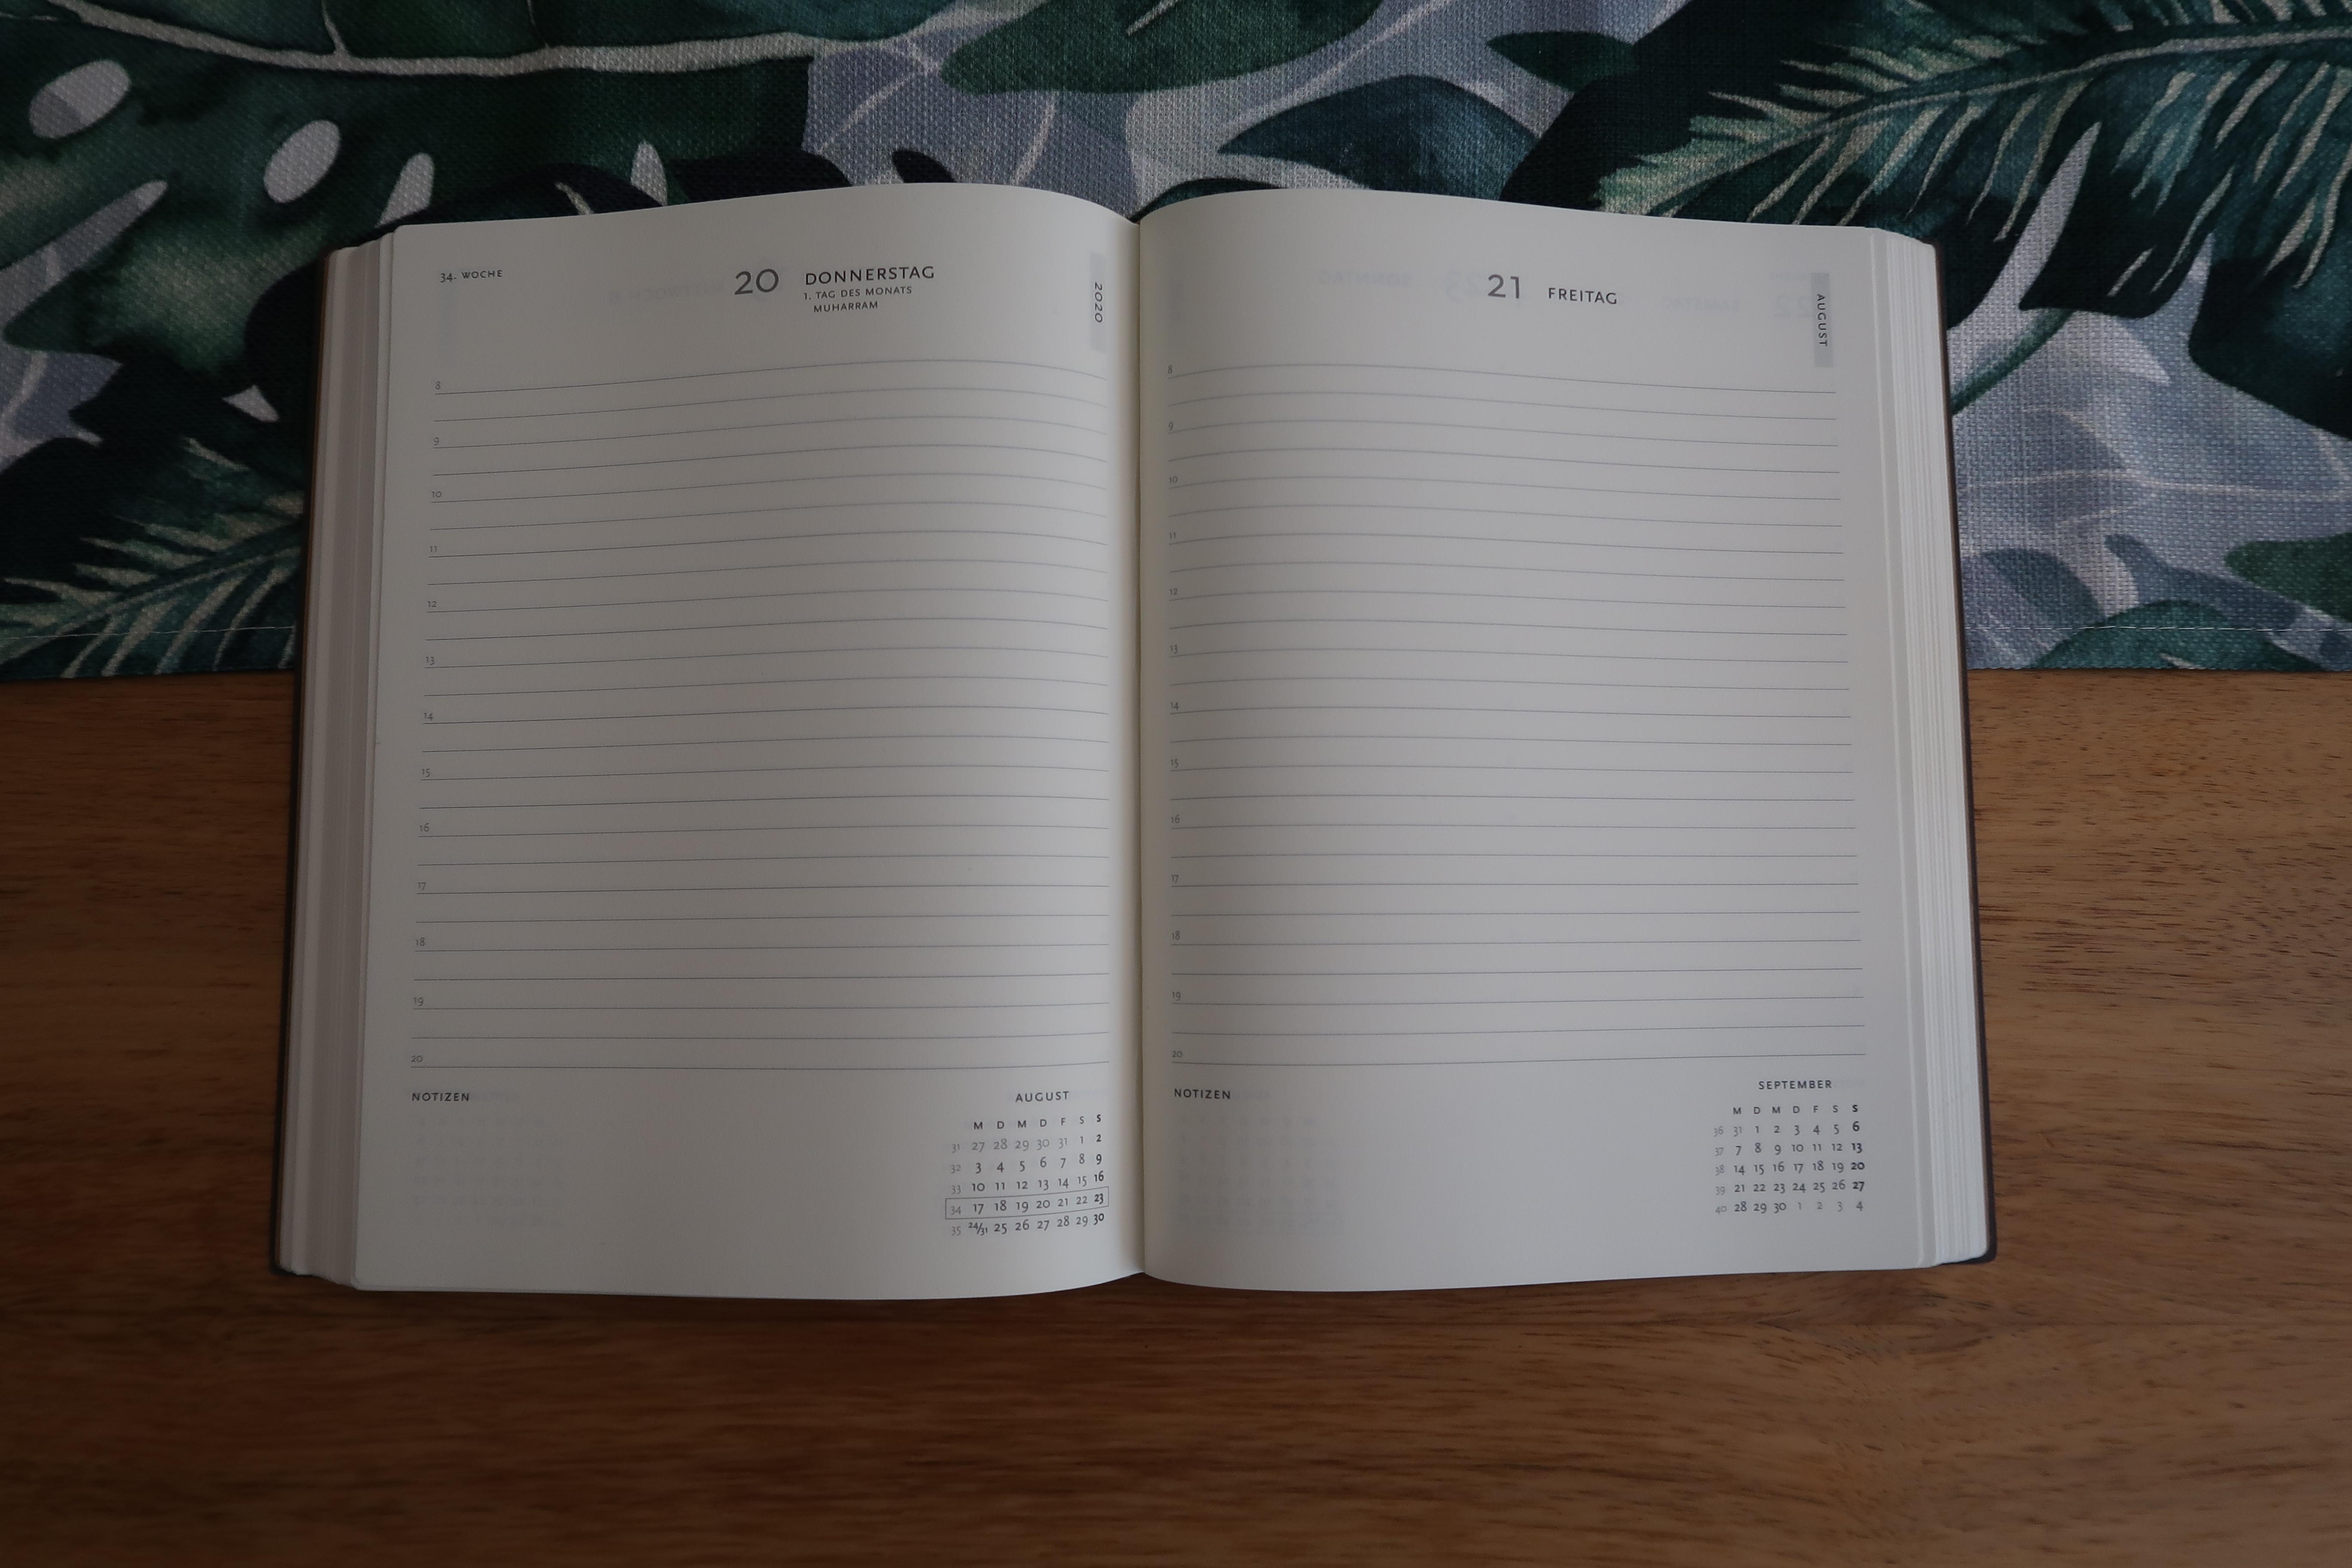 DIN A5 Der Weg Kalender 2019 1 Woche auf 2 Seiten